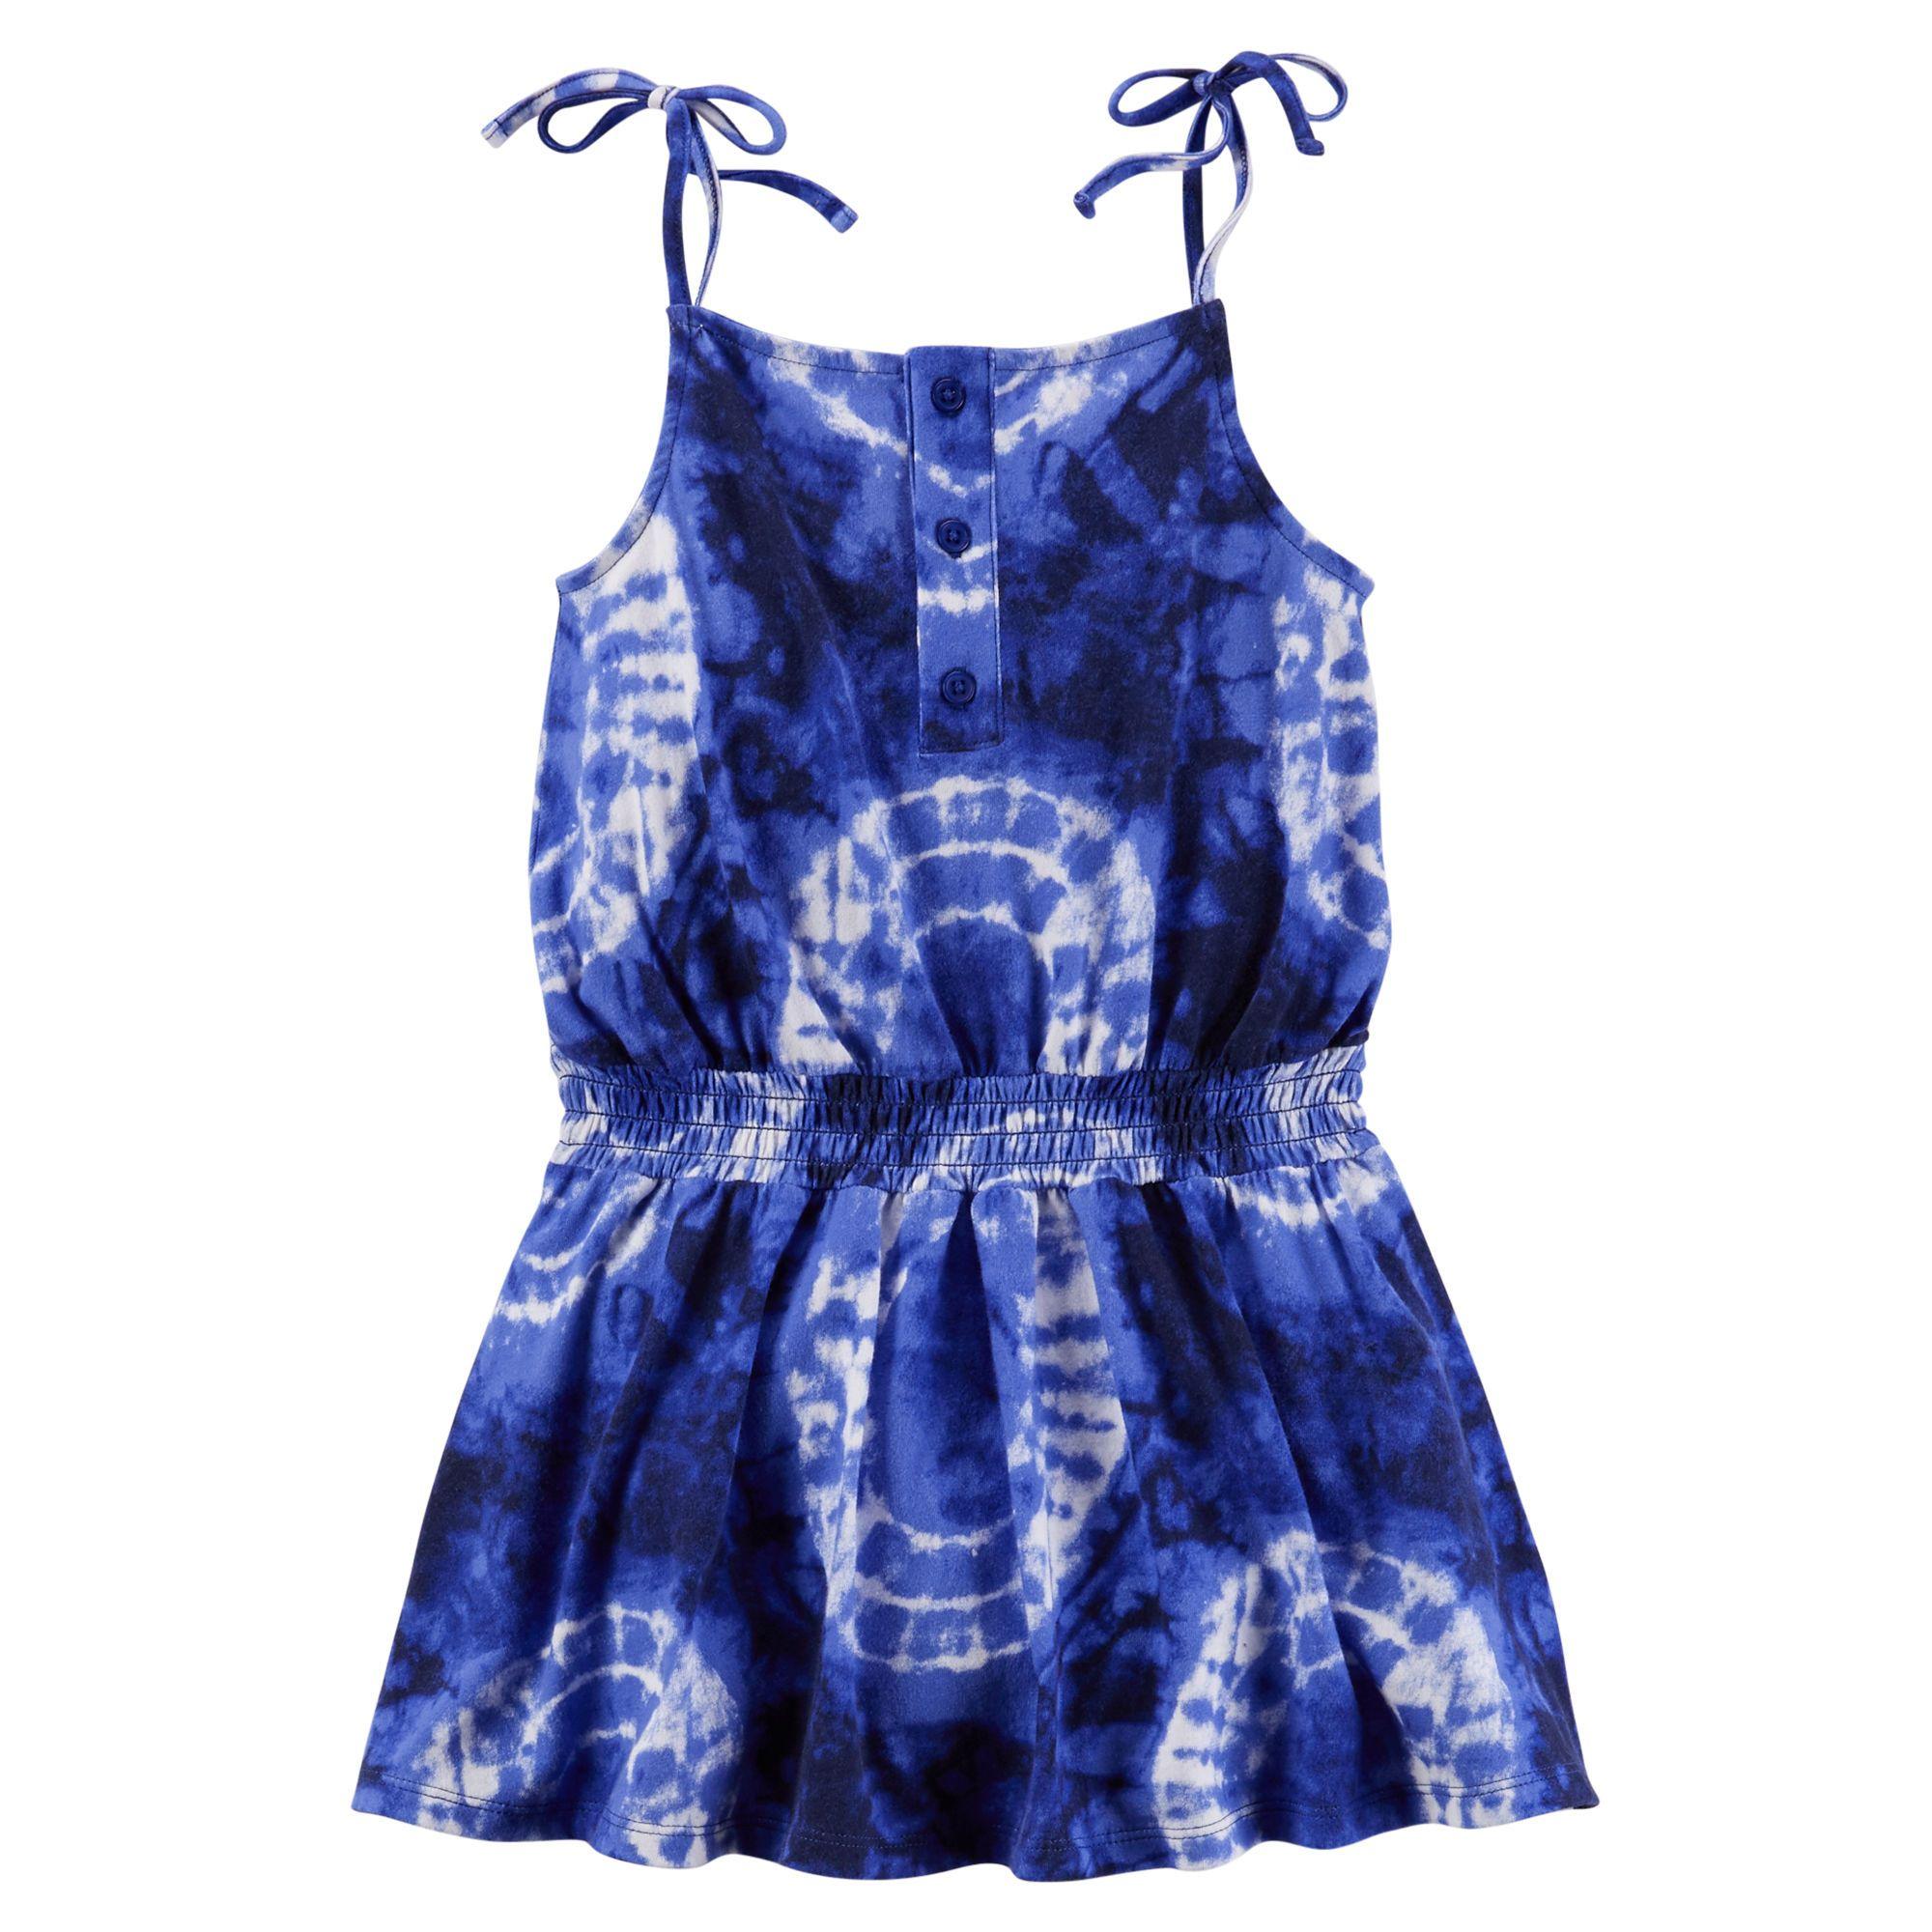 Tie Dye Jersey Dress